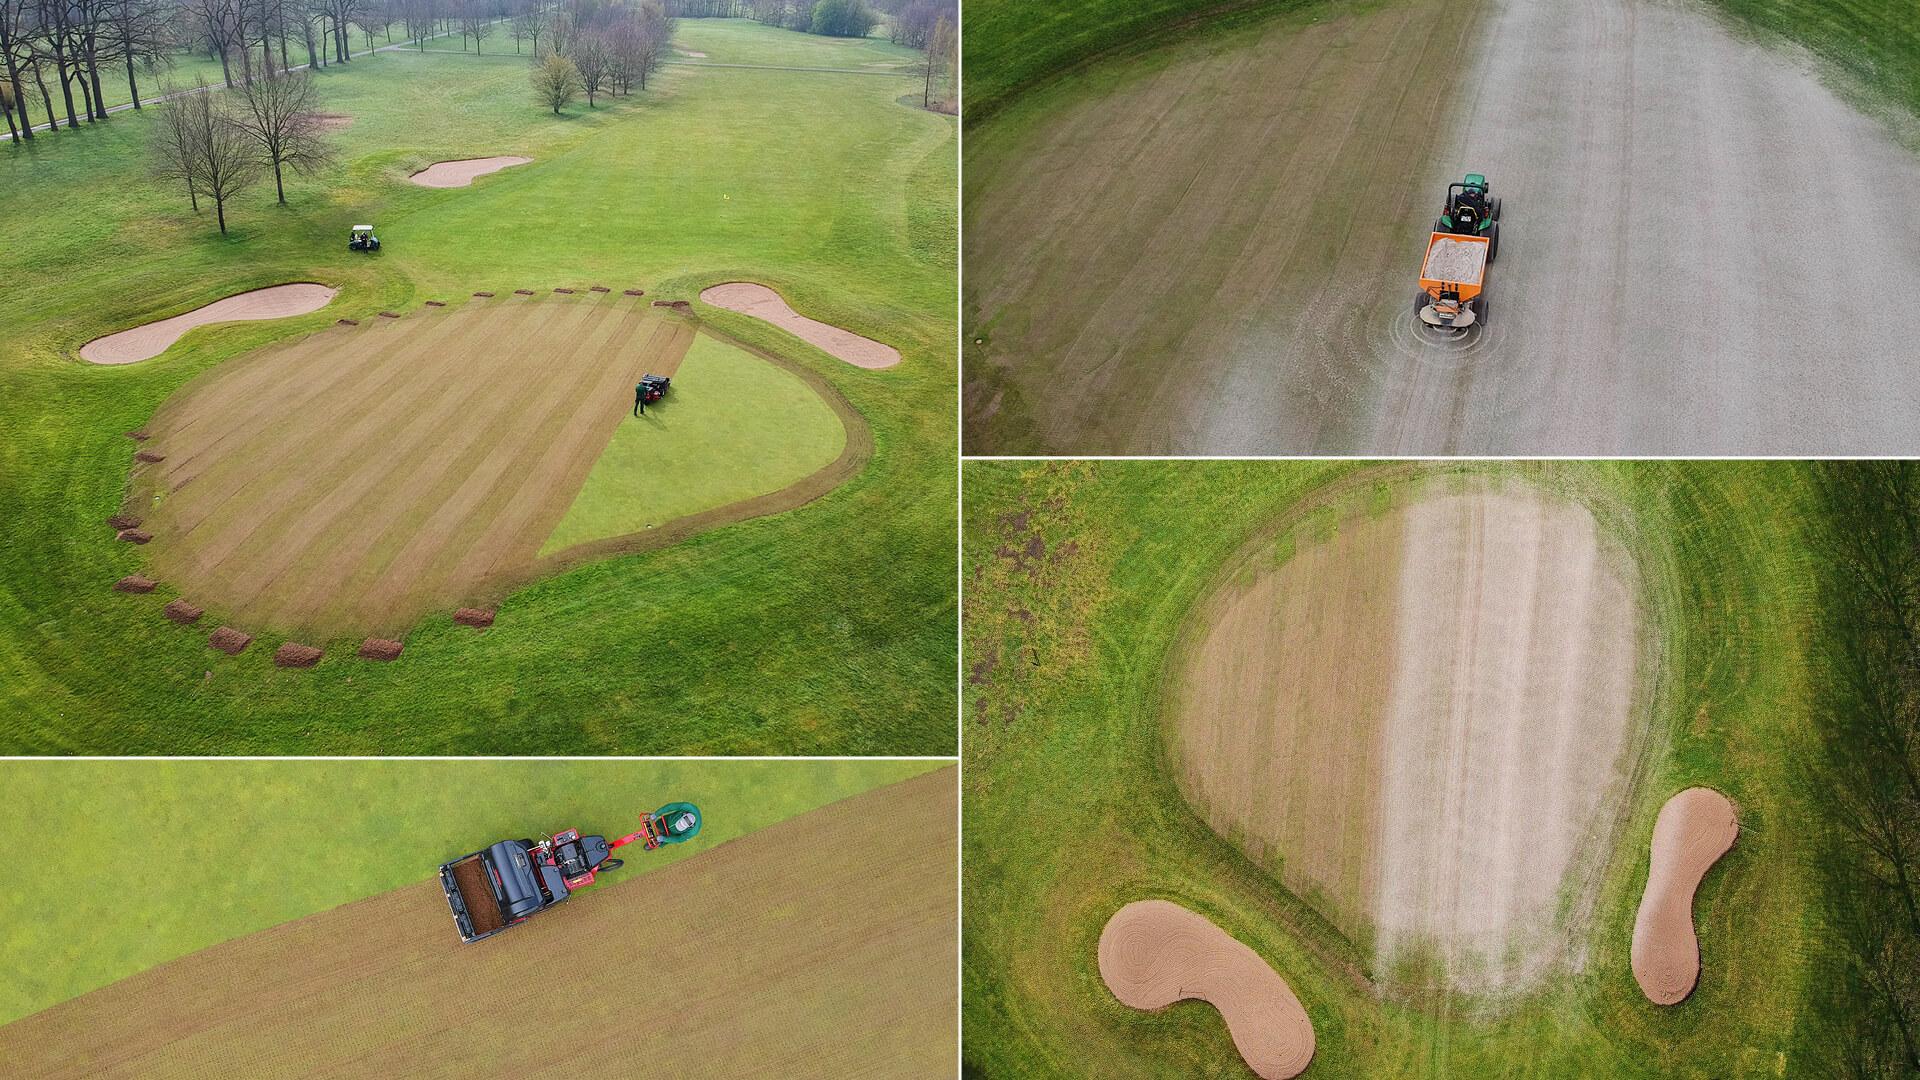 https://golfclub-peckeloh.de/wp-content/uploads/2021/06/GOPE21-071_Aerifizierarbeiten_Header-3.jpg